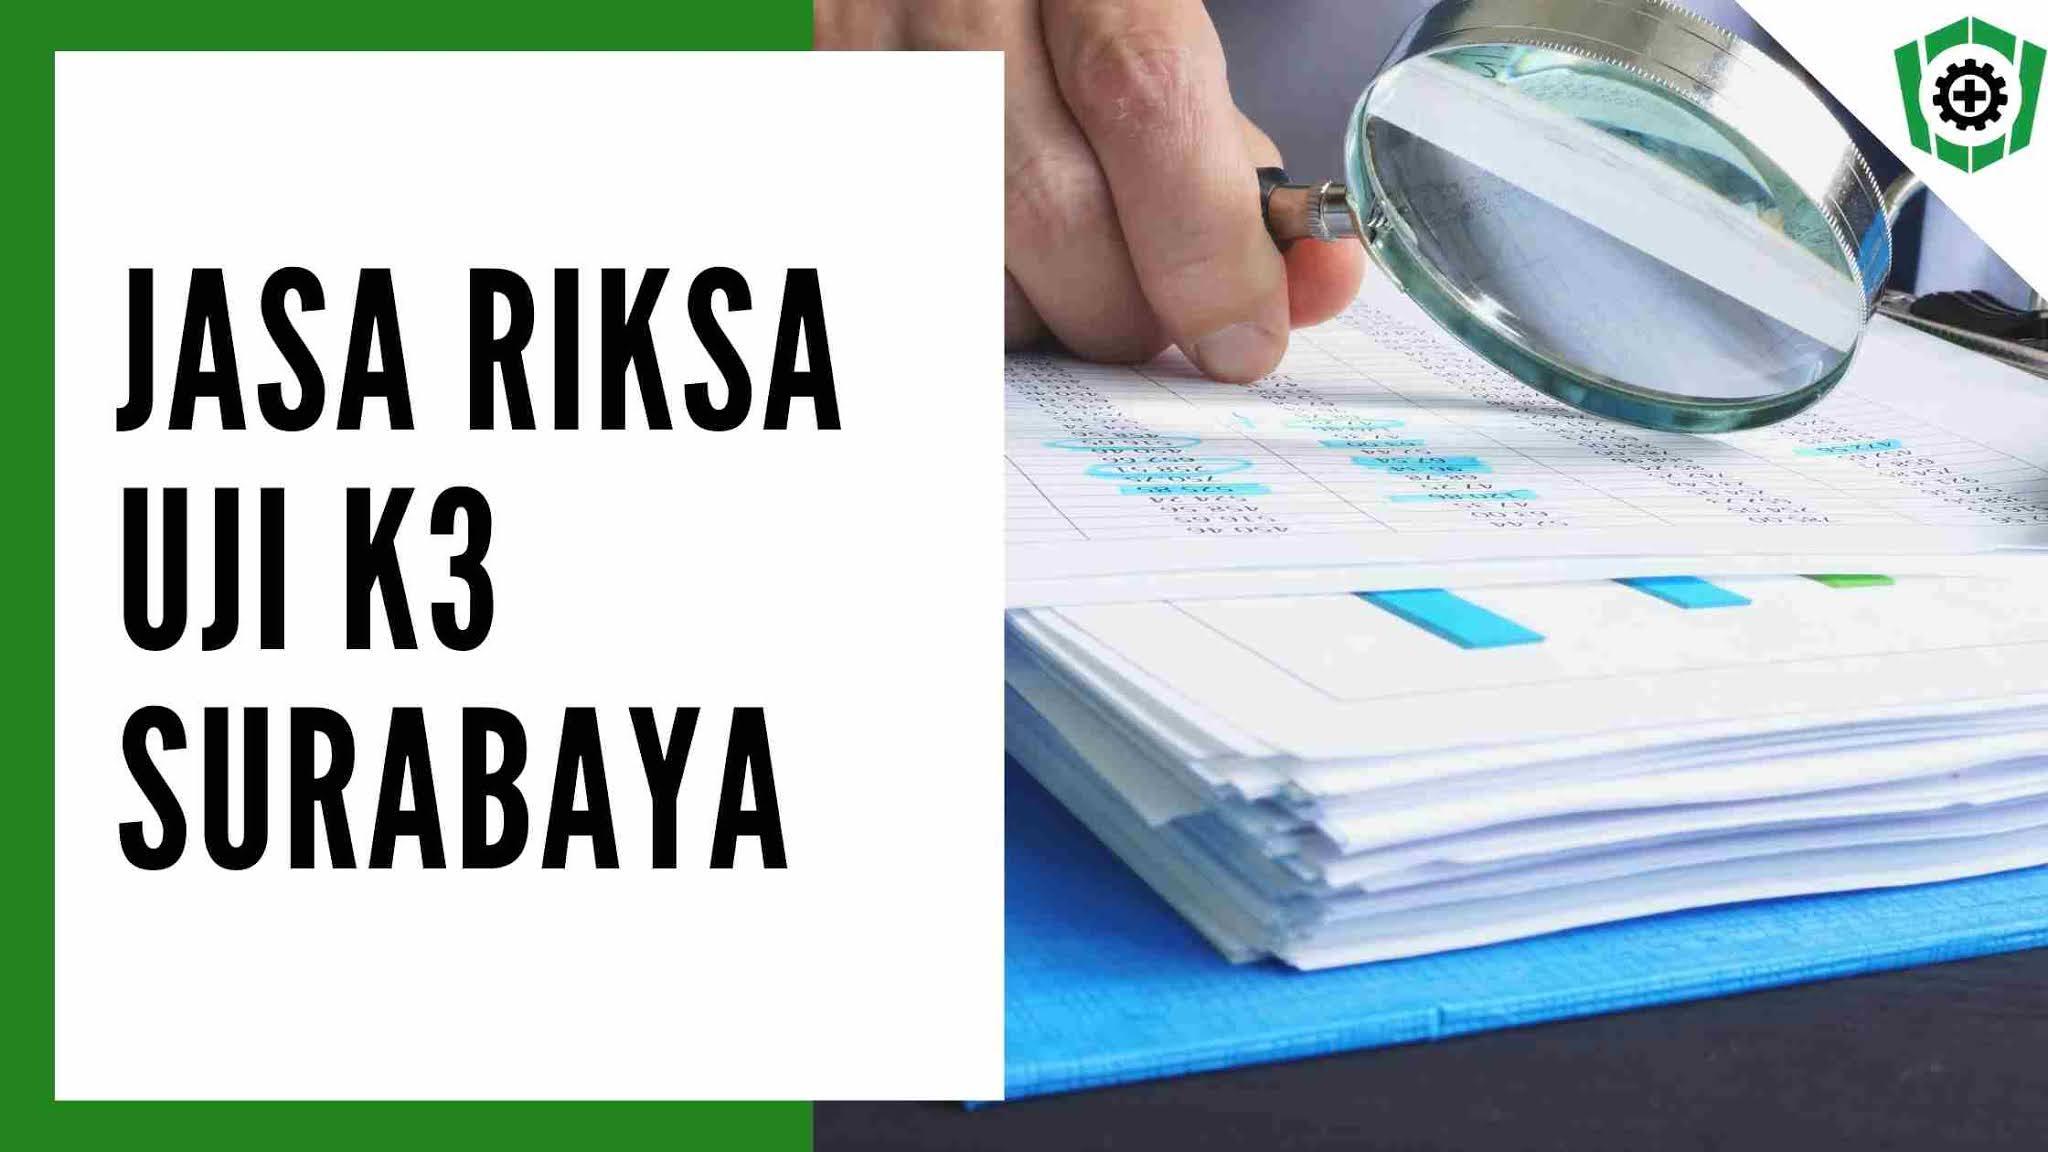 Jasa Riksa Uji Surabaya